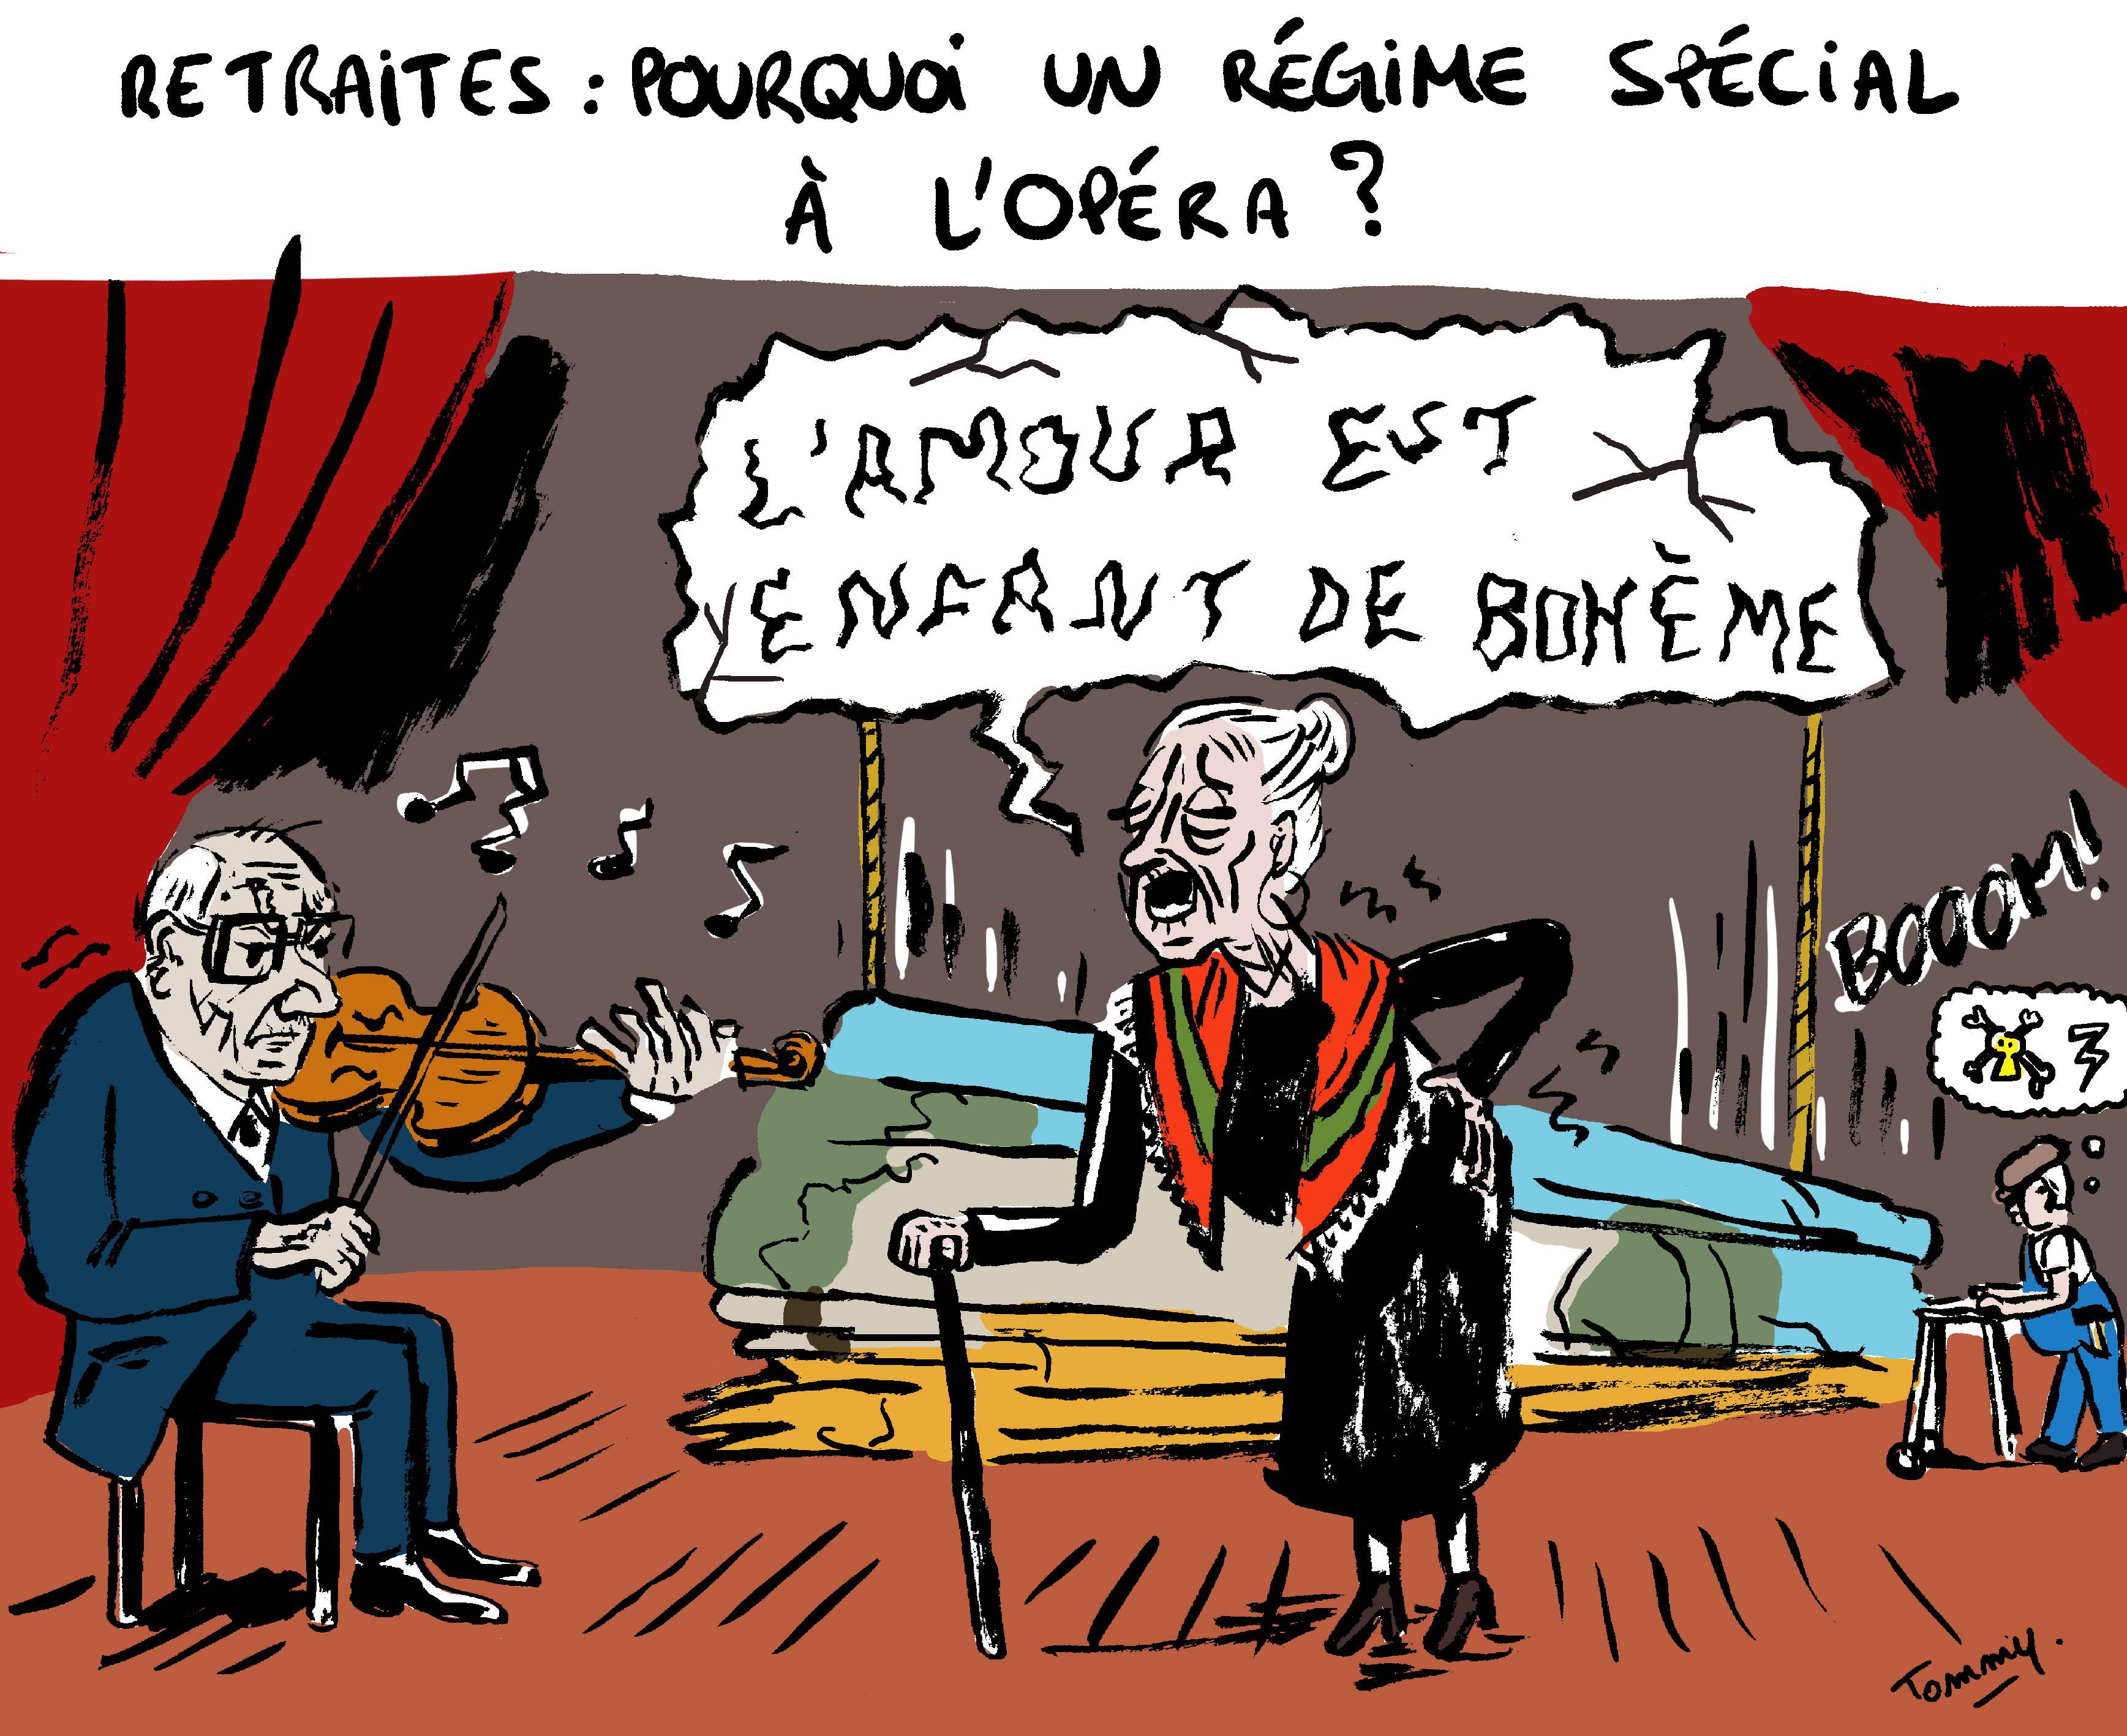 Pourquoi un régime spécial à l'Opéra